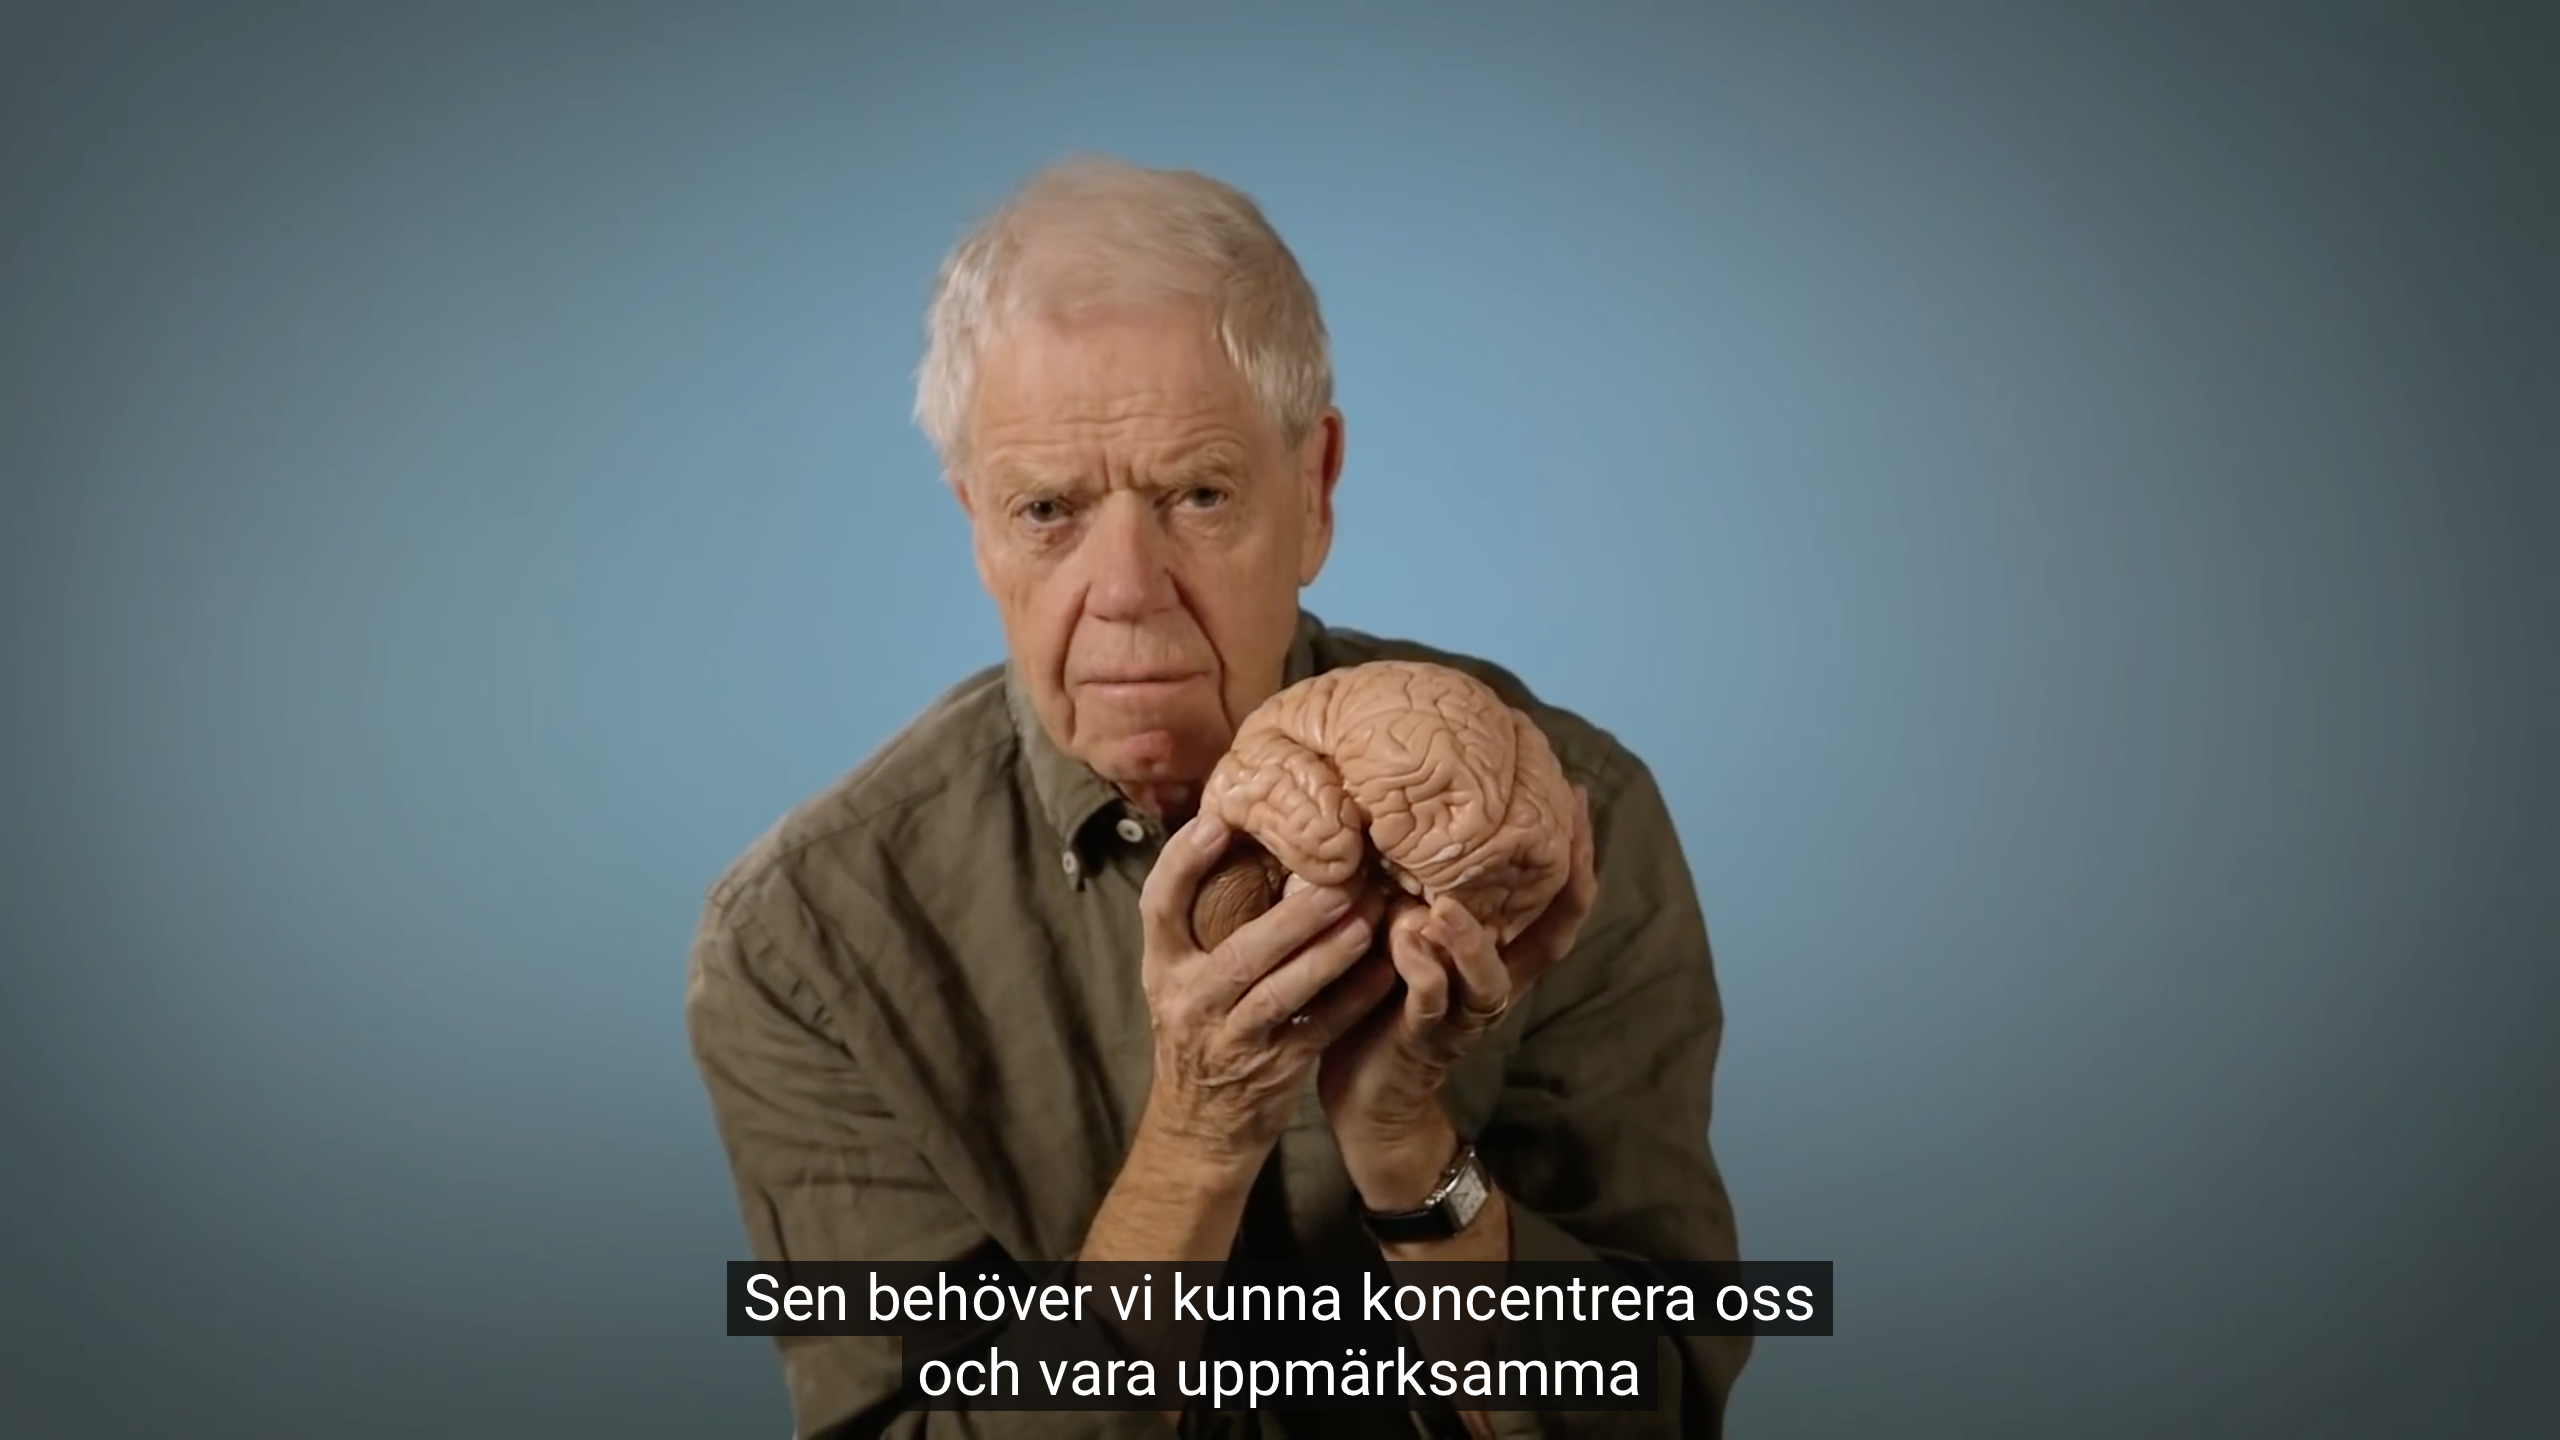 En skärmdump från en film med undertexter.